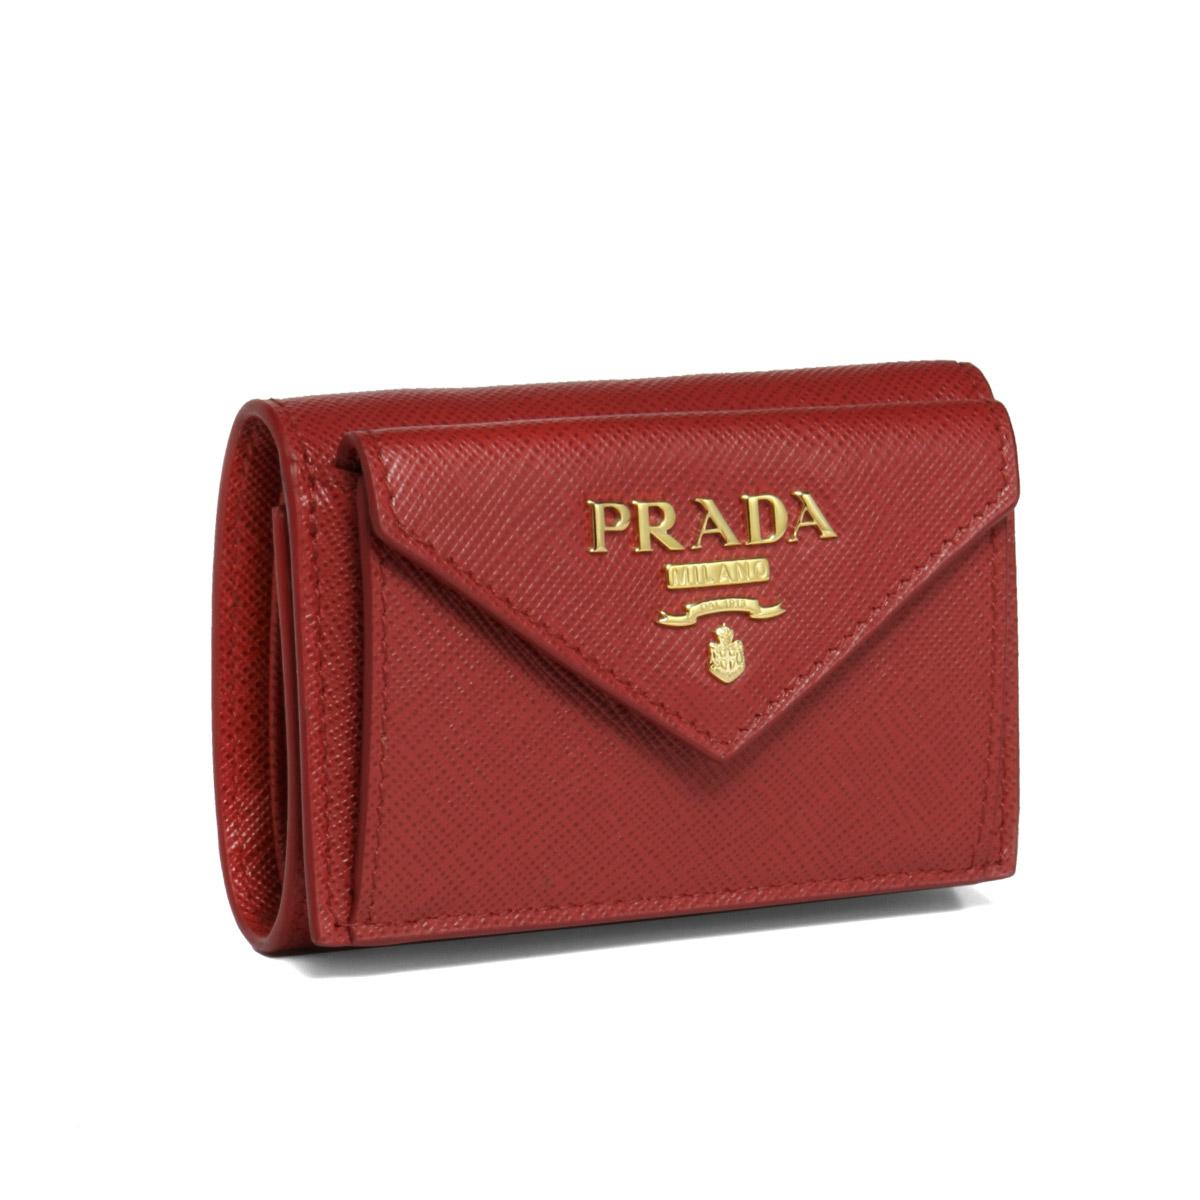 プラダ PRADA 財布 レディース 1MH021 QWA F068Z 三つ折り財布 SAFFIANO METAL FUOCO レッド